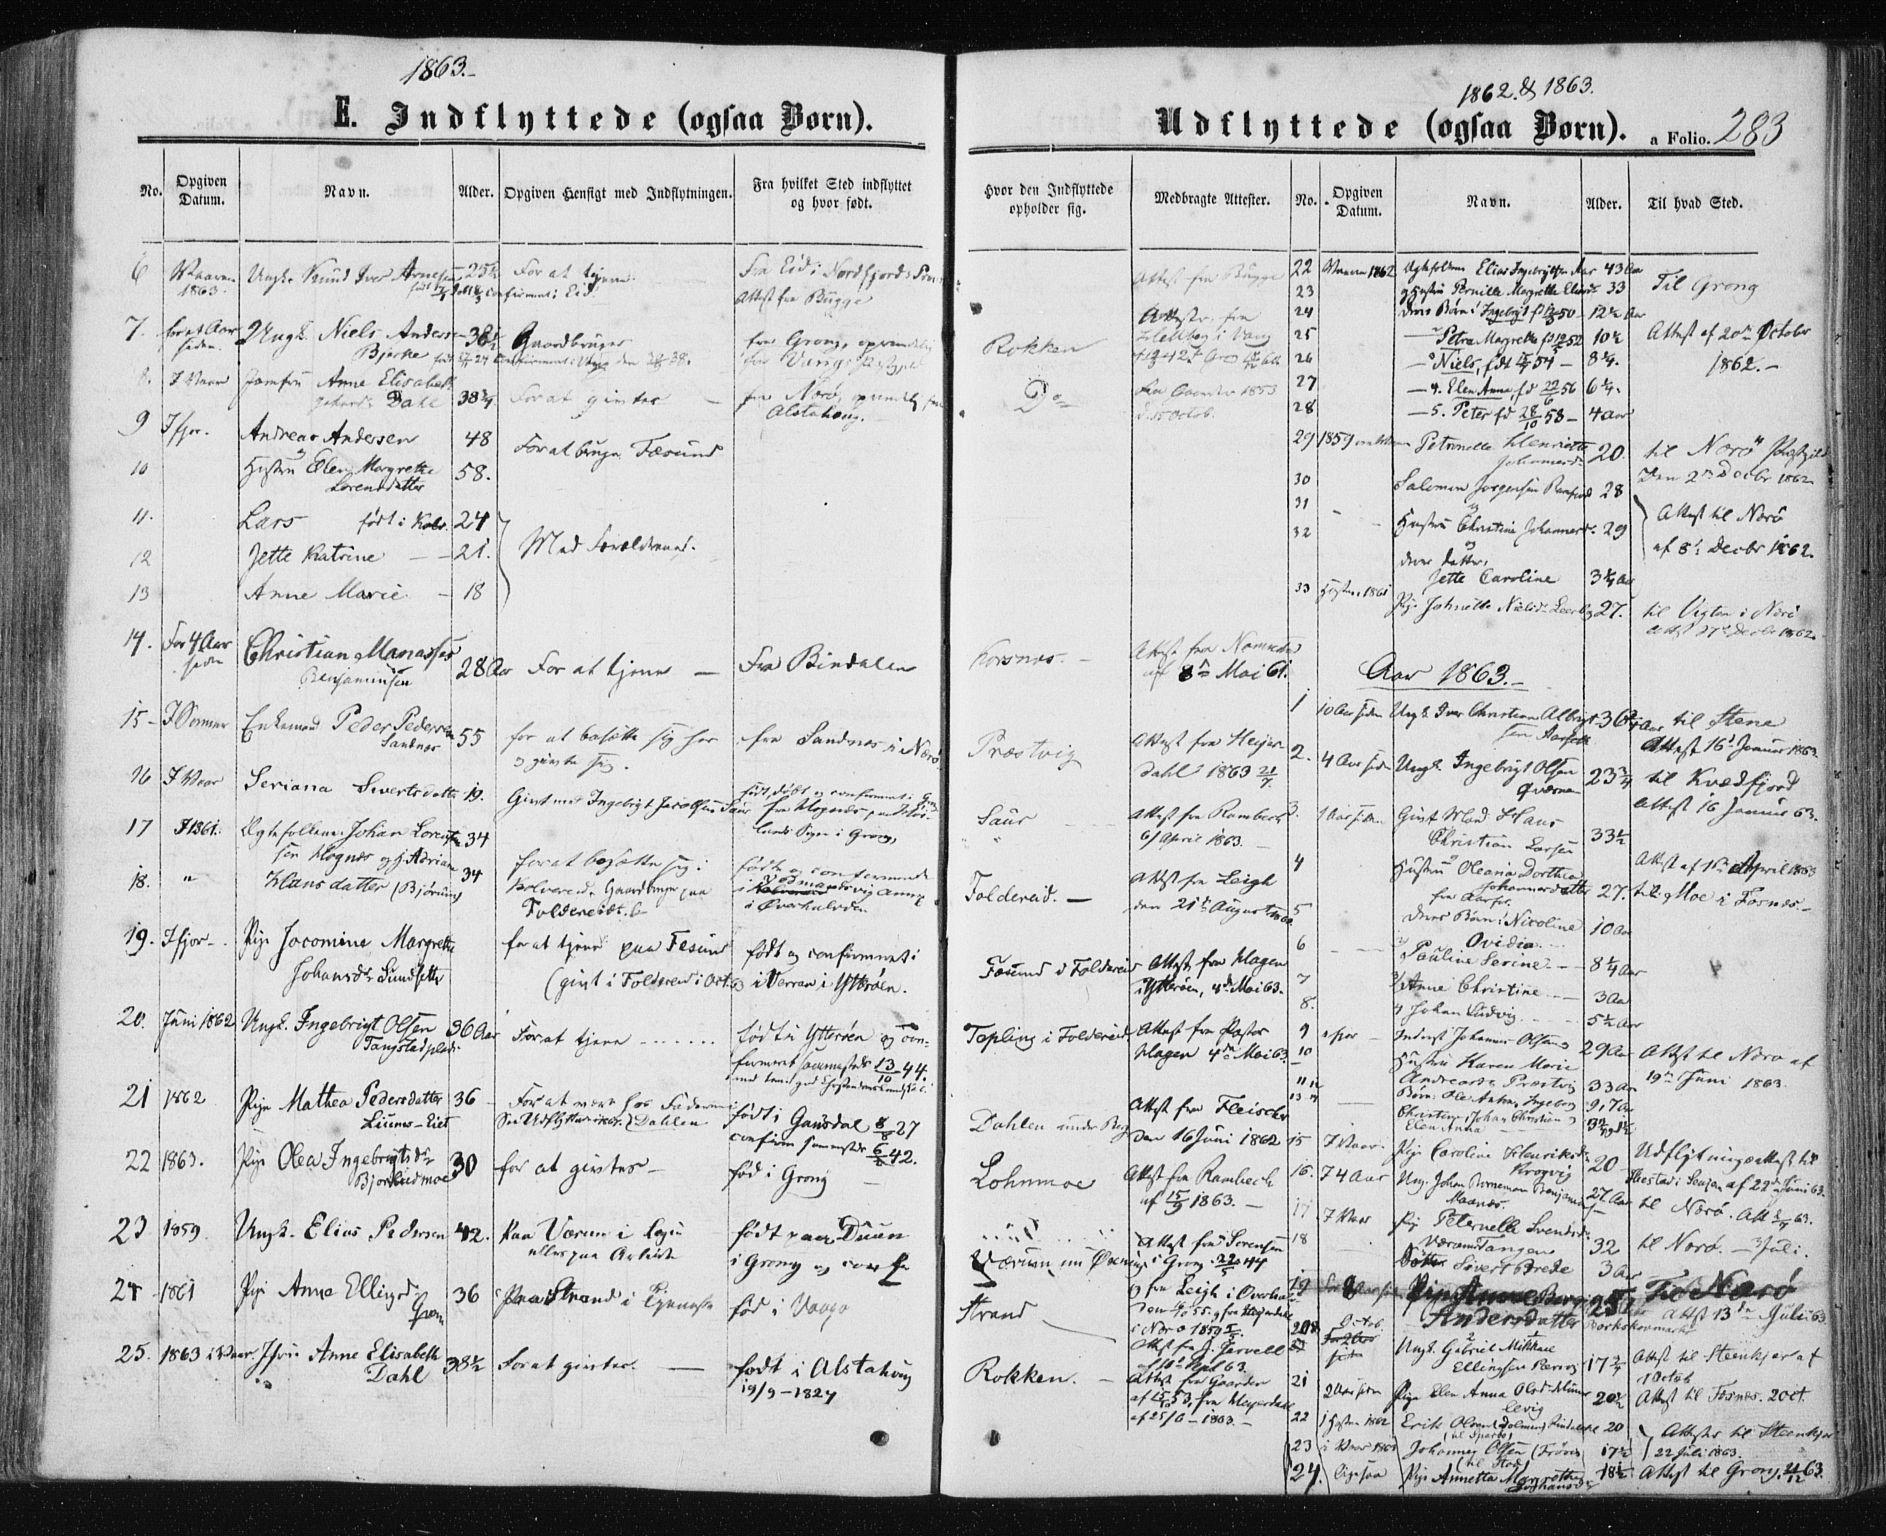 SAT, Ministerialprotokoller, klokkerbøker og fødselsregistre - Nord-Trøndelag, 780/L0641: Ministerialbok nr. 780A06, 1857-1874, s. 283